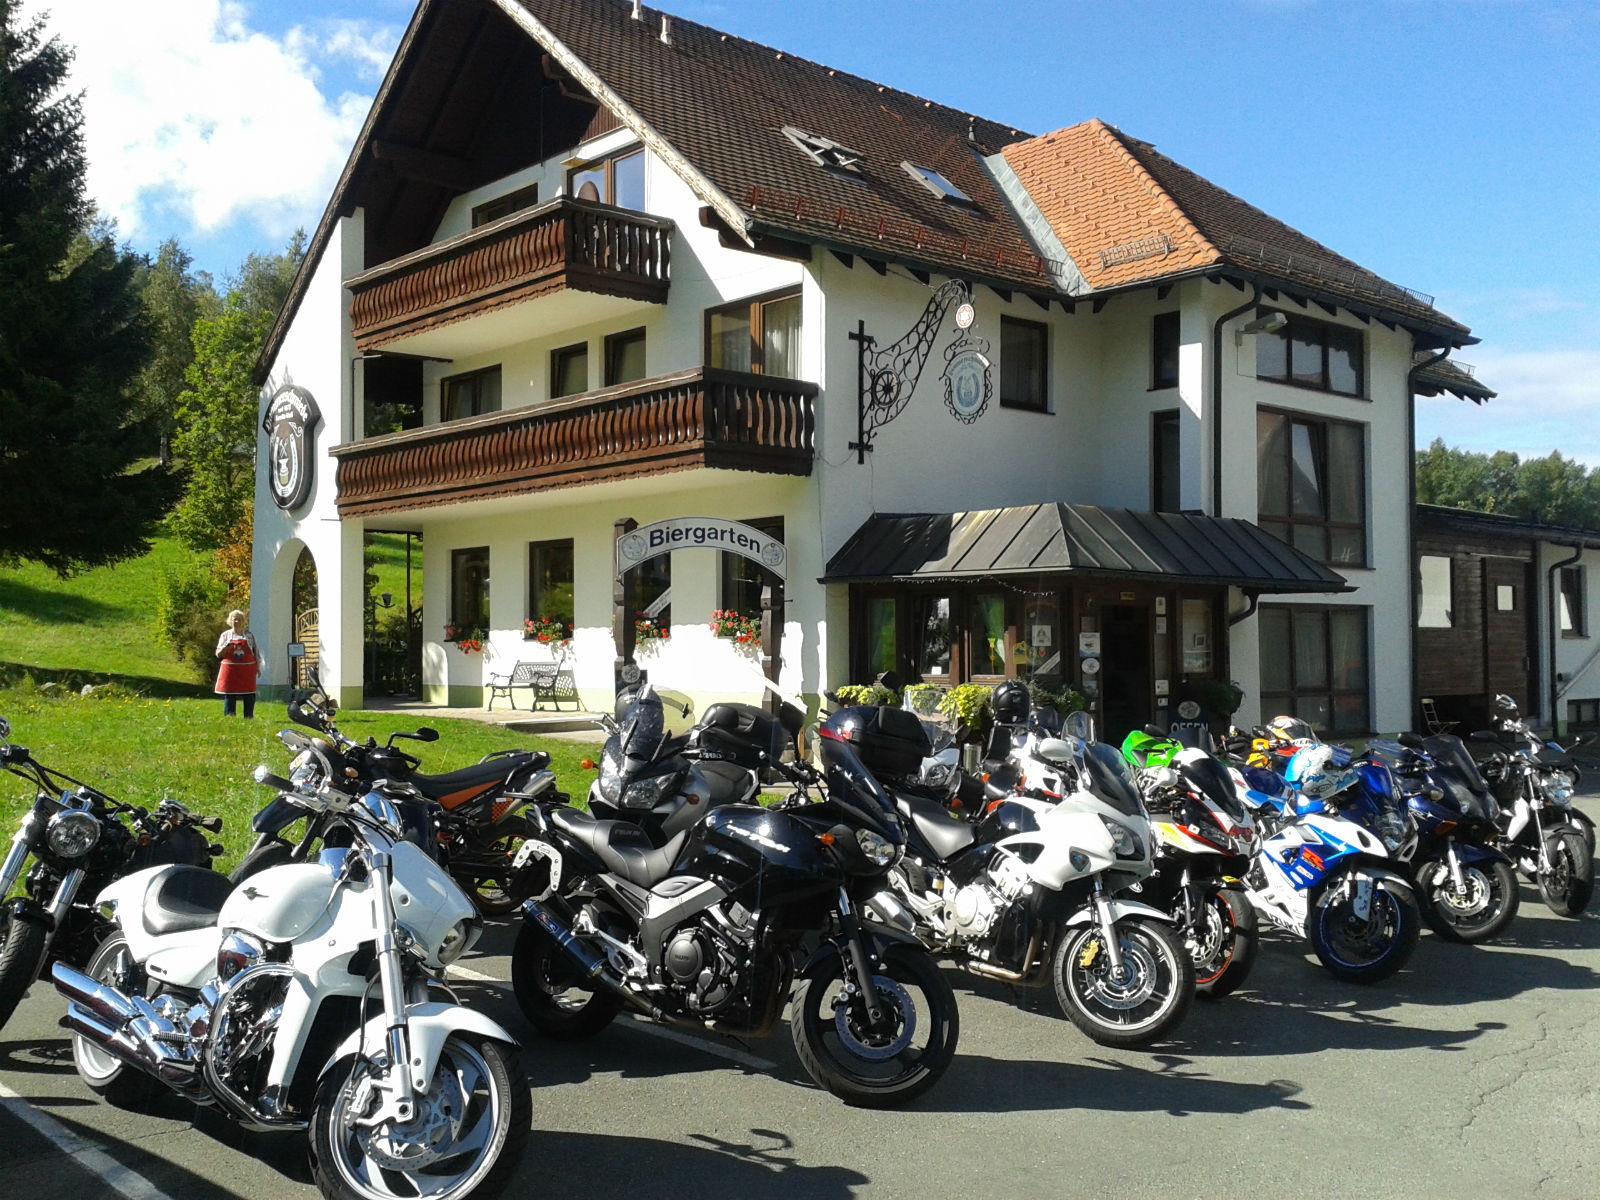 Hammerschmiede-Unser-Haus-Aussenansicht-Motorraeder